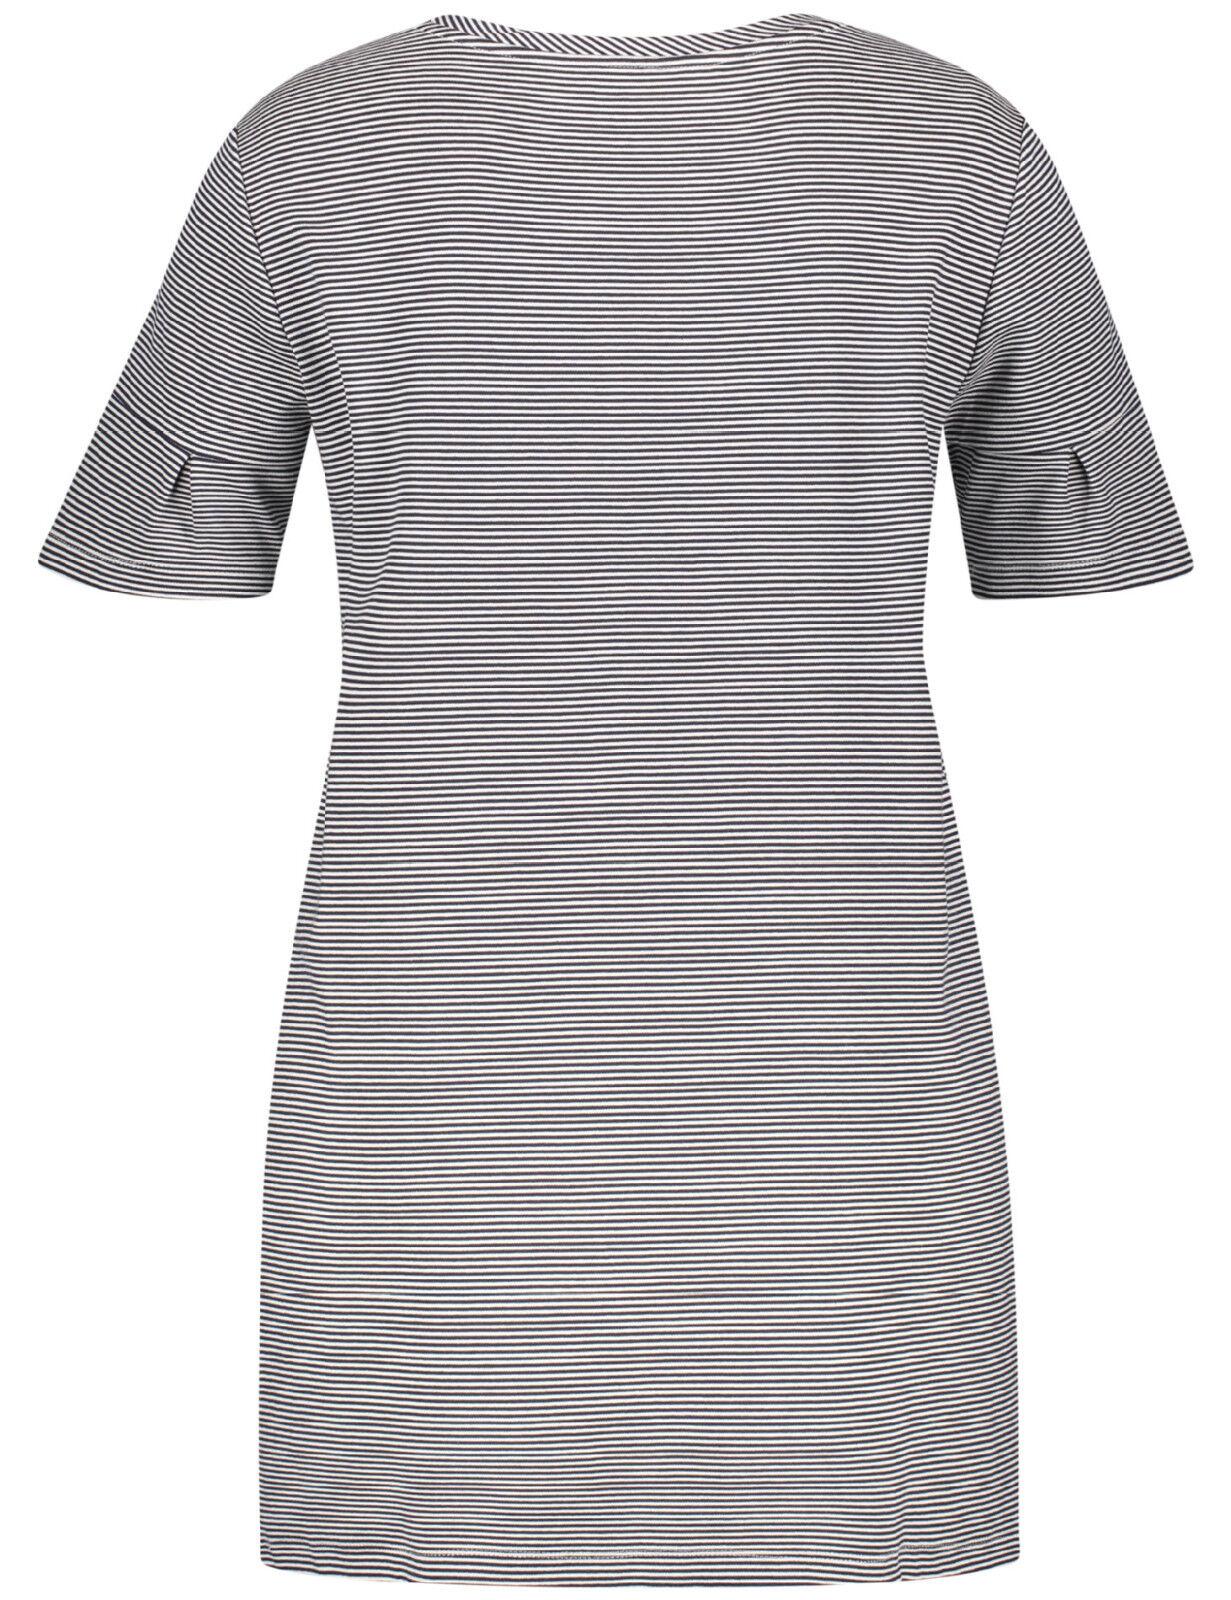 Samoon Longshirt mit mit mit Streifen-Design by Gerry Weber Neu Shirt Taschen Damen Gr. | Hohe Qualität  | Viele Sorten  6cfa09